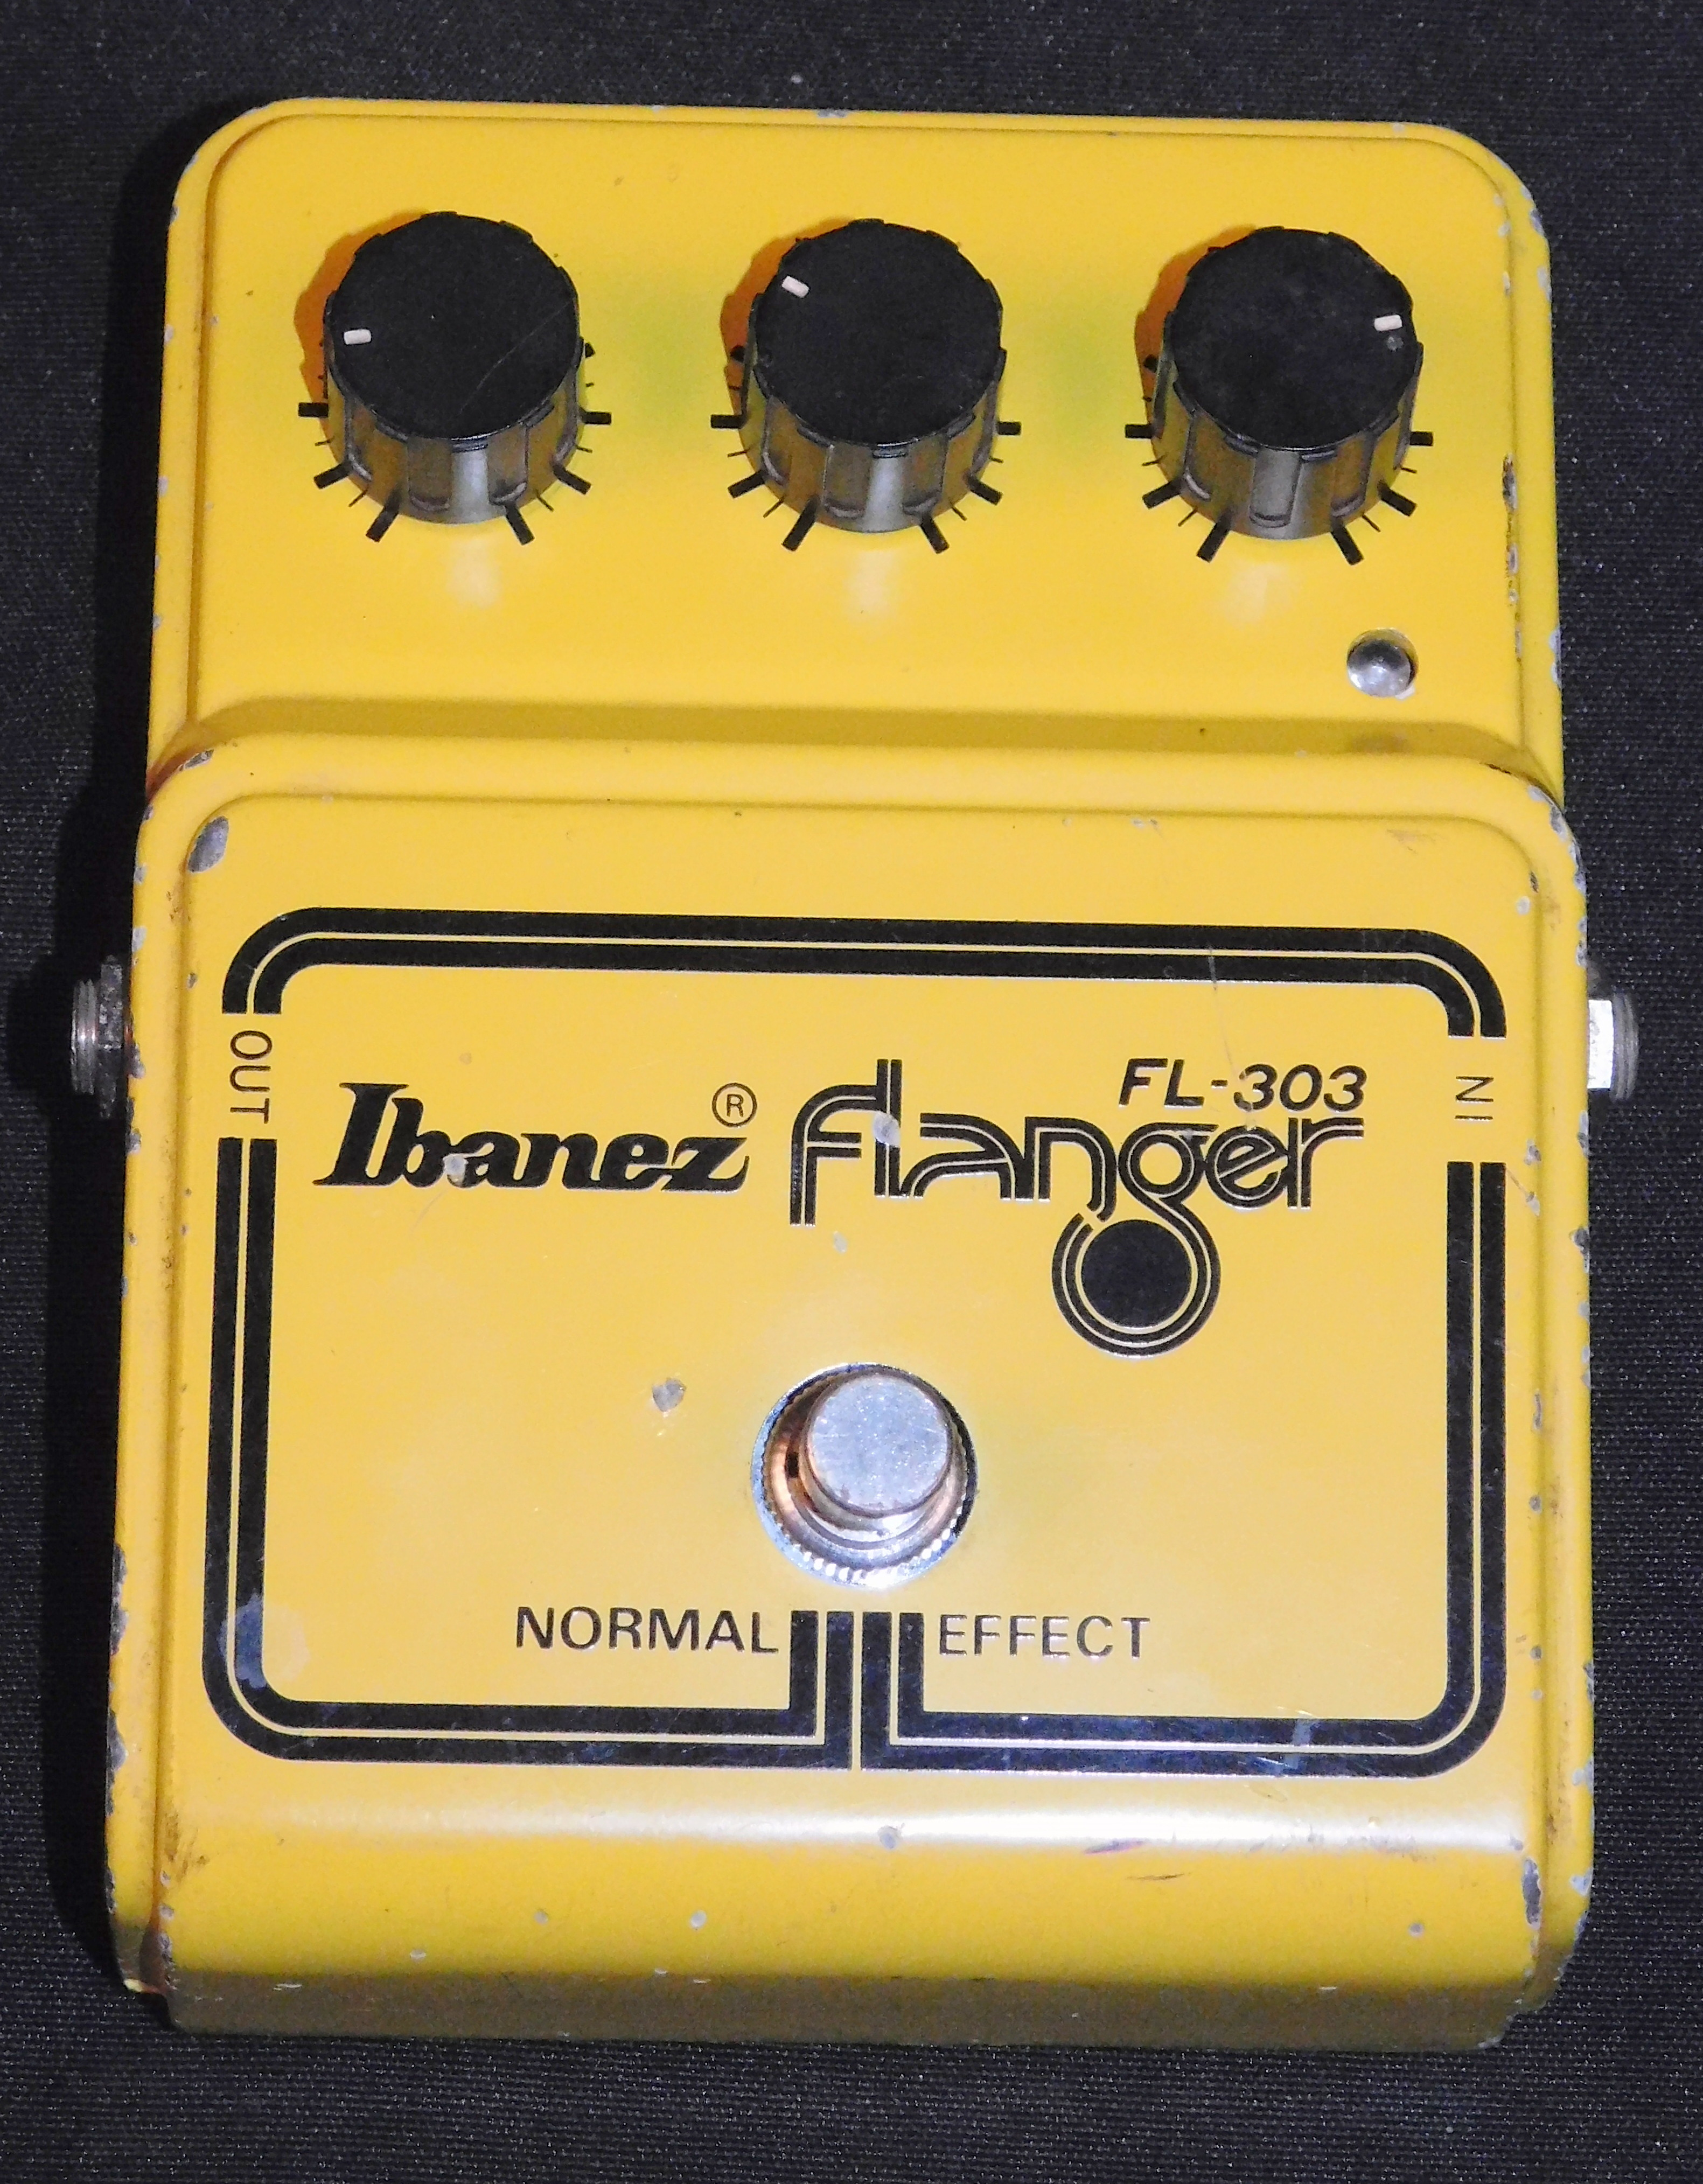 IBANEZ FL-303 **Vintage** FLANGER - TESTED!